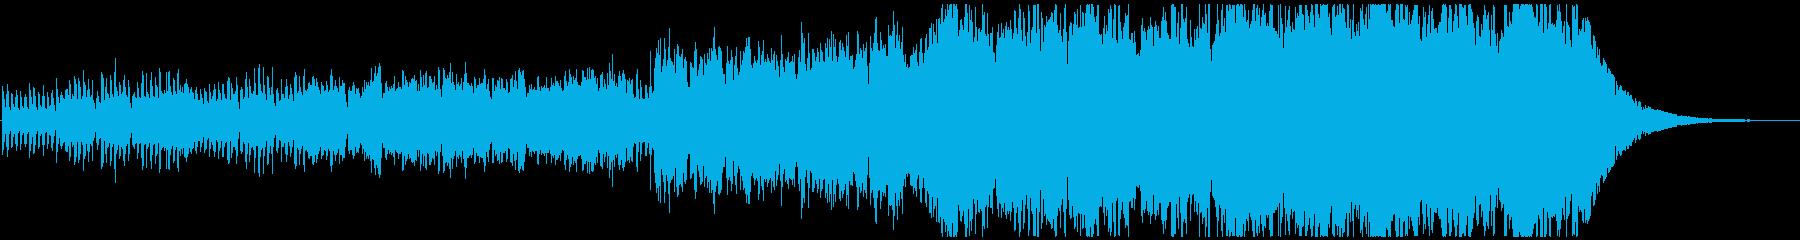 短いながらも盛り上がるフルオーケストラの再生済みの波形